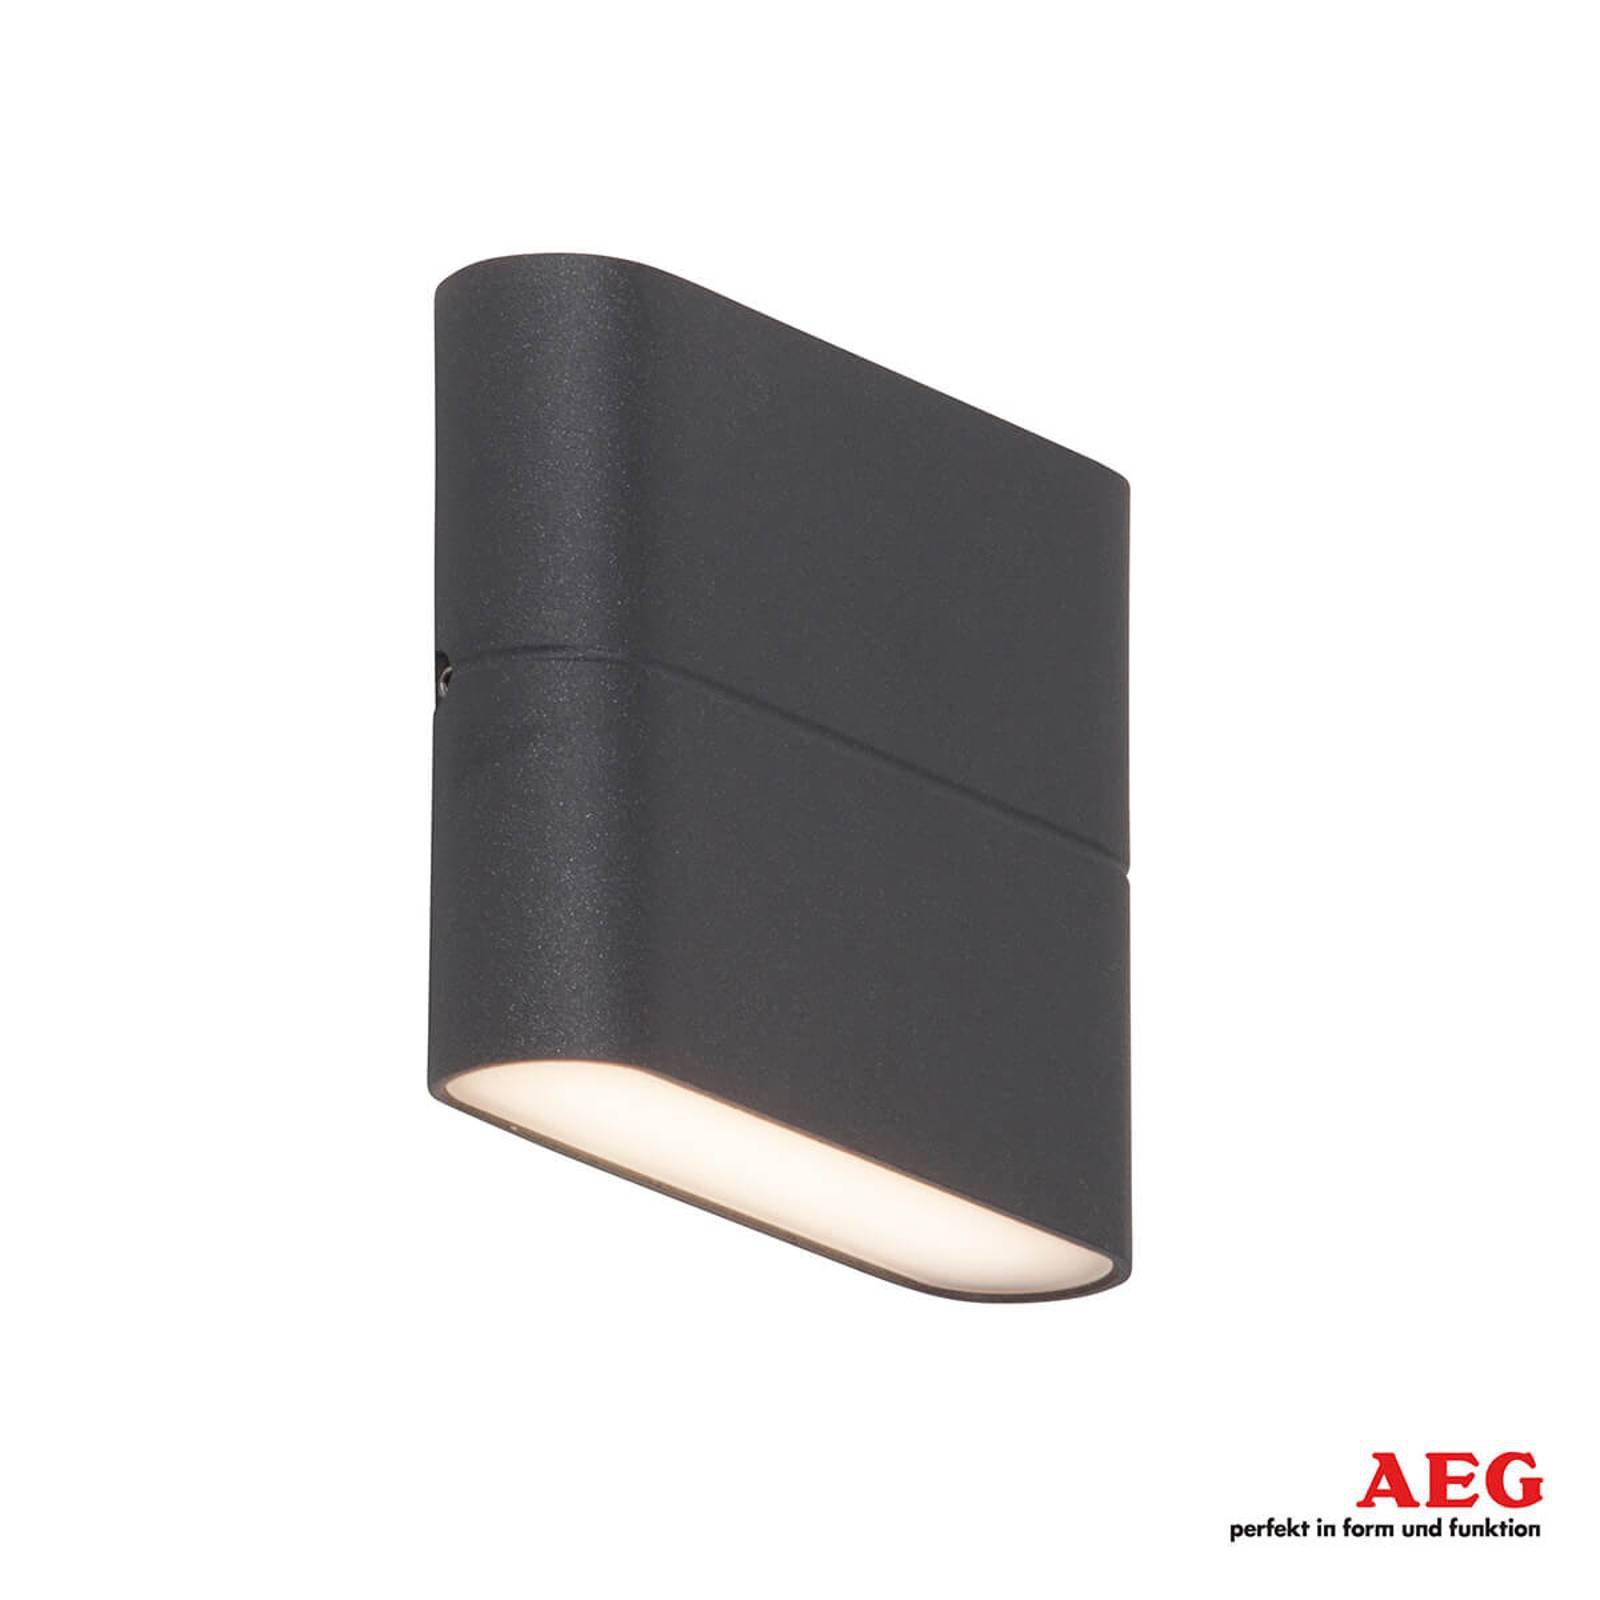 Flat LED-utevegglampe Telesto - 11.5 cm bred